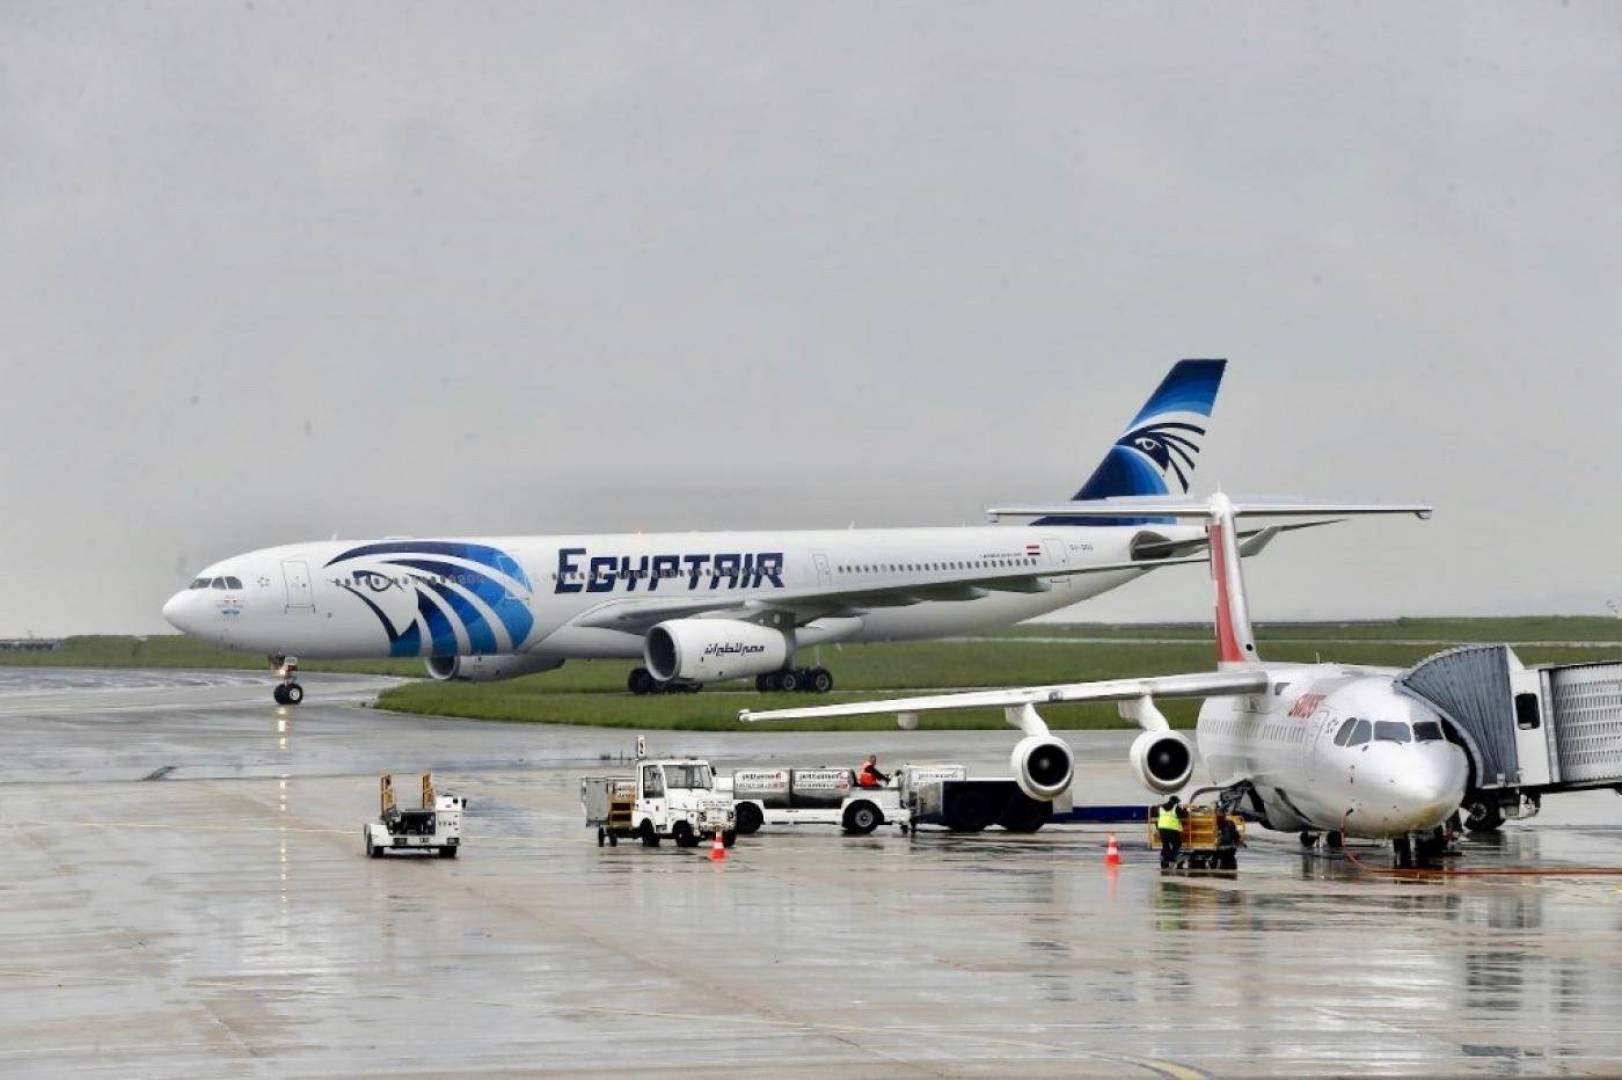 «وول ستريت» تكشف سبب تحطم الطائرة المصرية في 2016